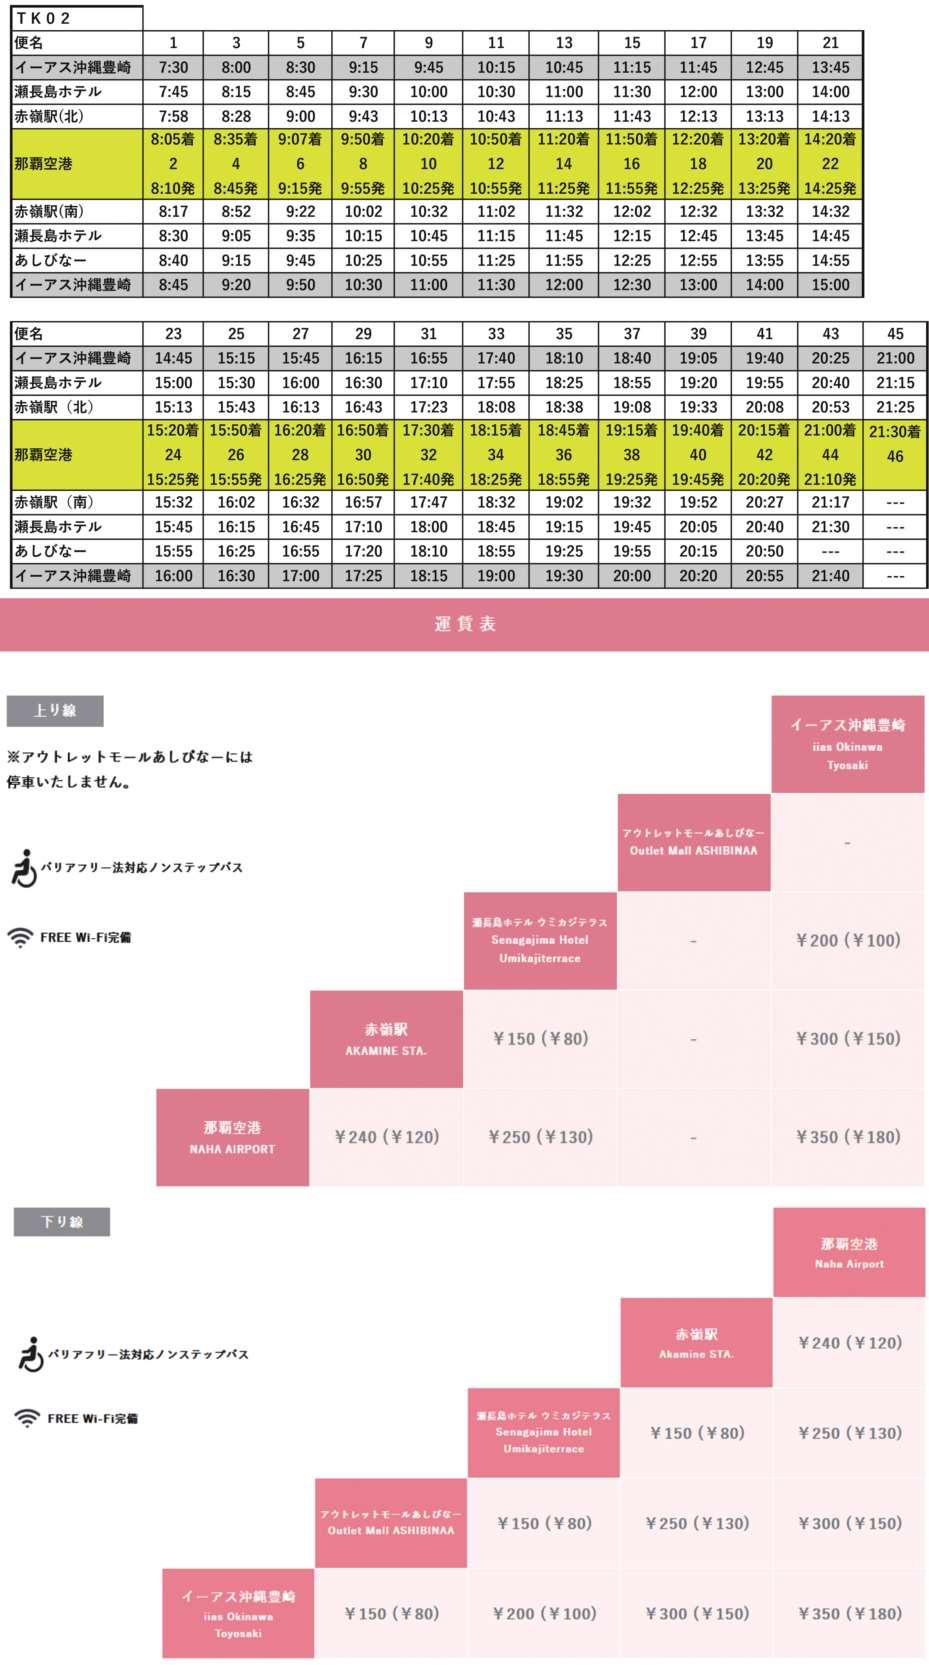 ウミカジライナー運賃時刻表